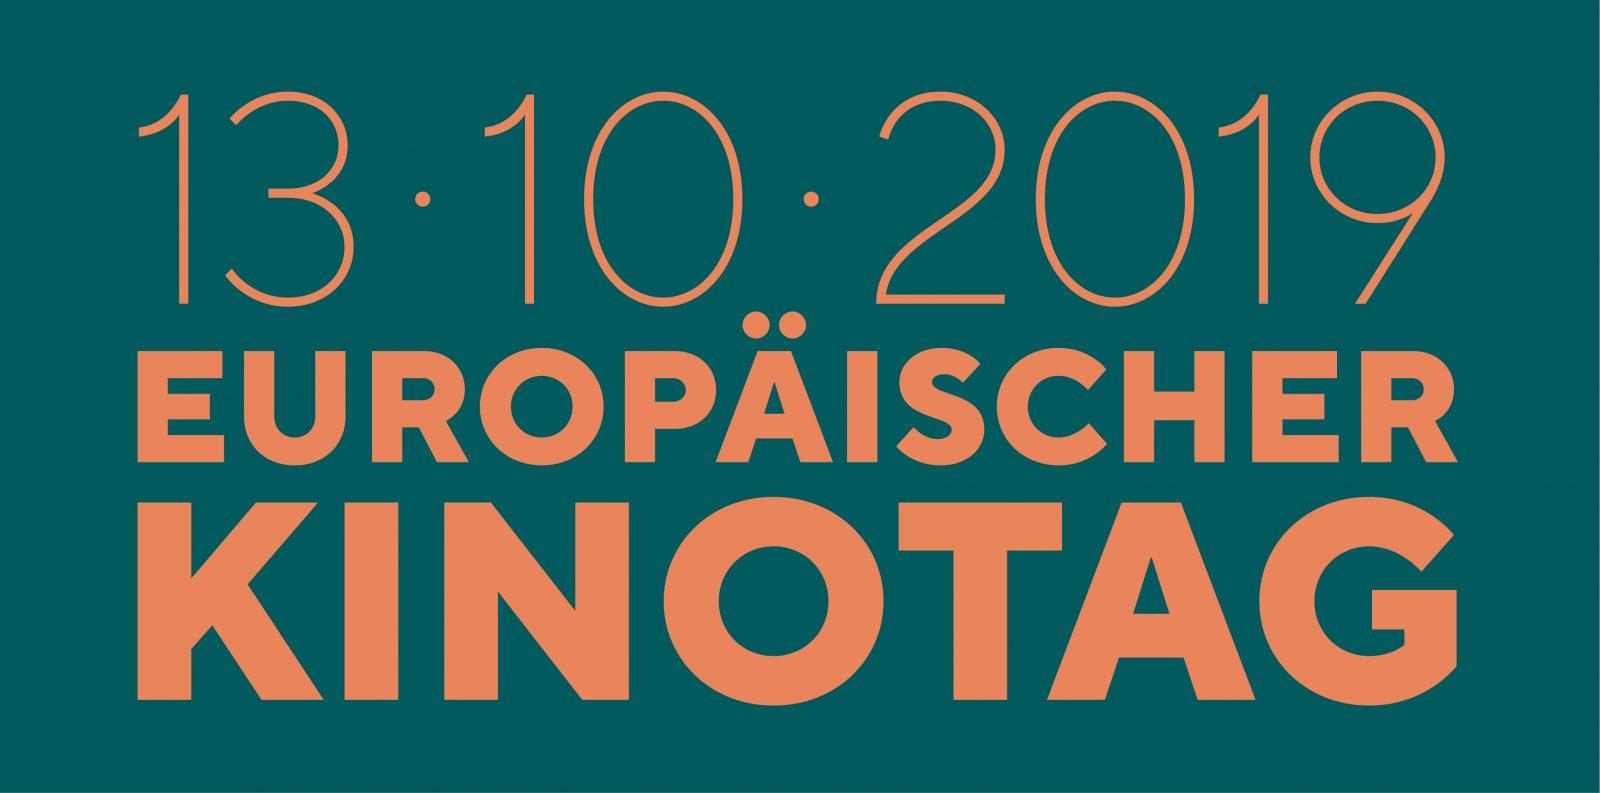 Noch zwei Monate bis zum 4. Europäischen Kinotag!